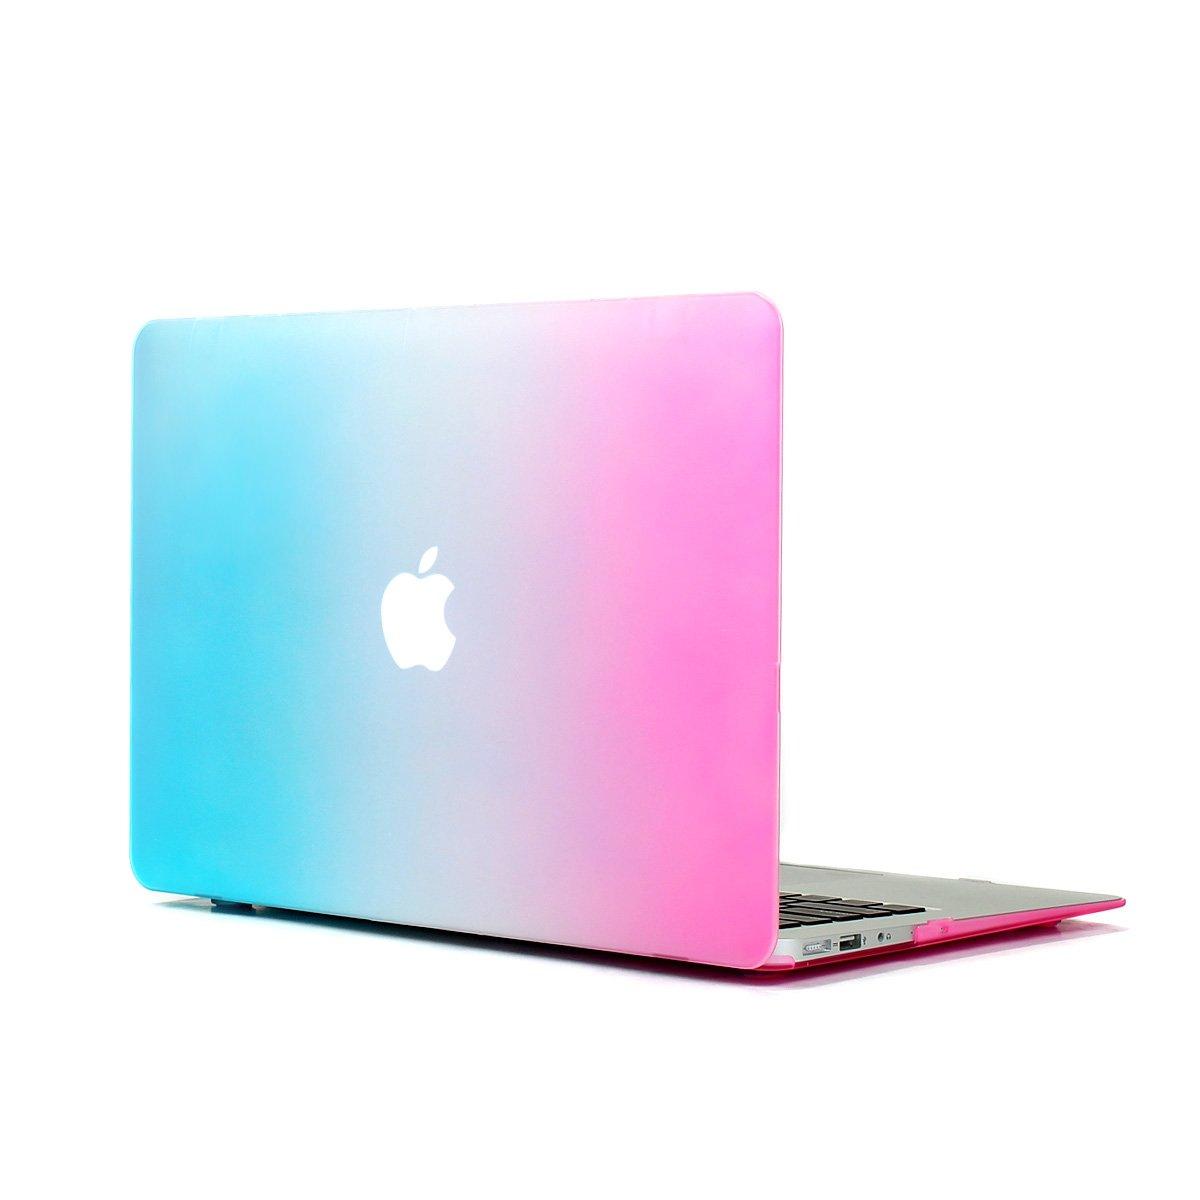 组装一台苹果外壳笔记本电脑 求大神给参数报价和建议图片